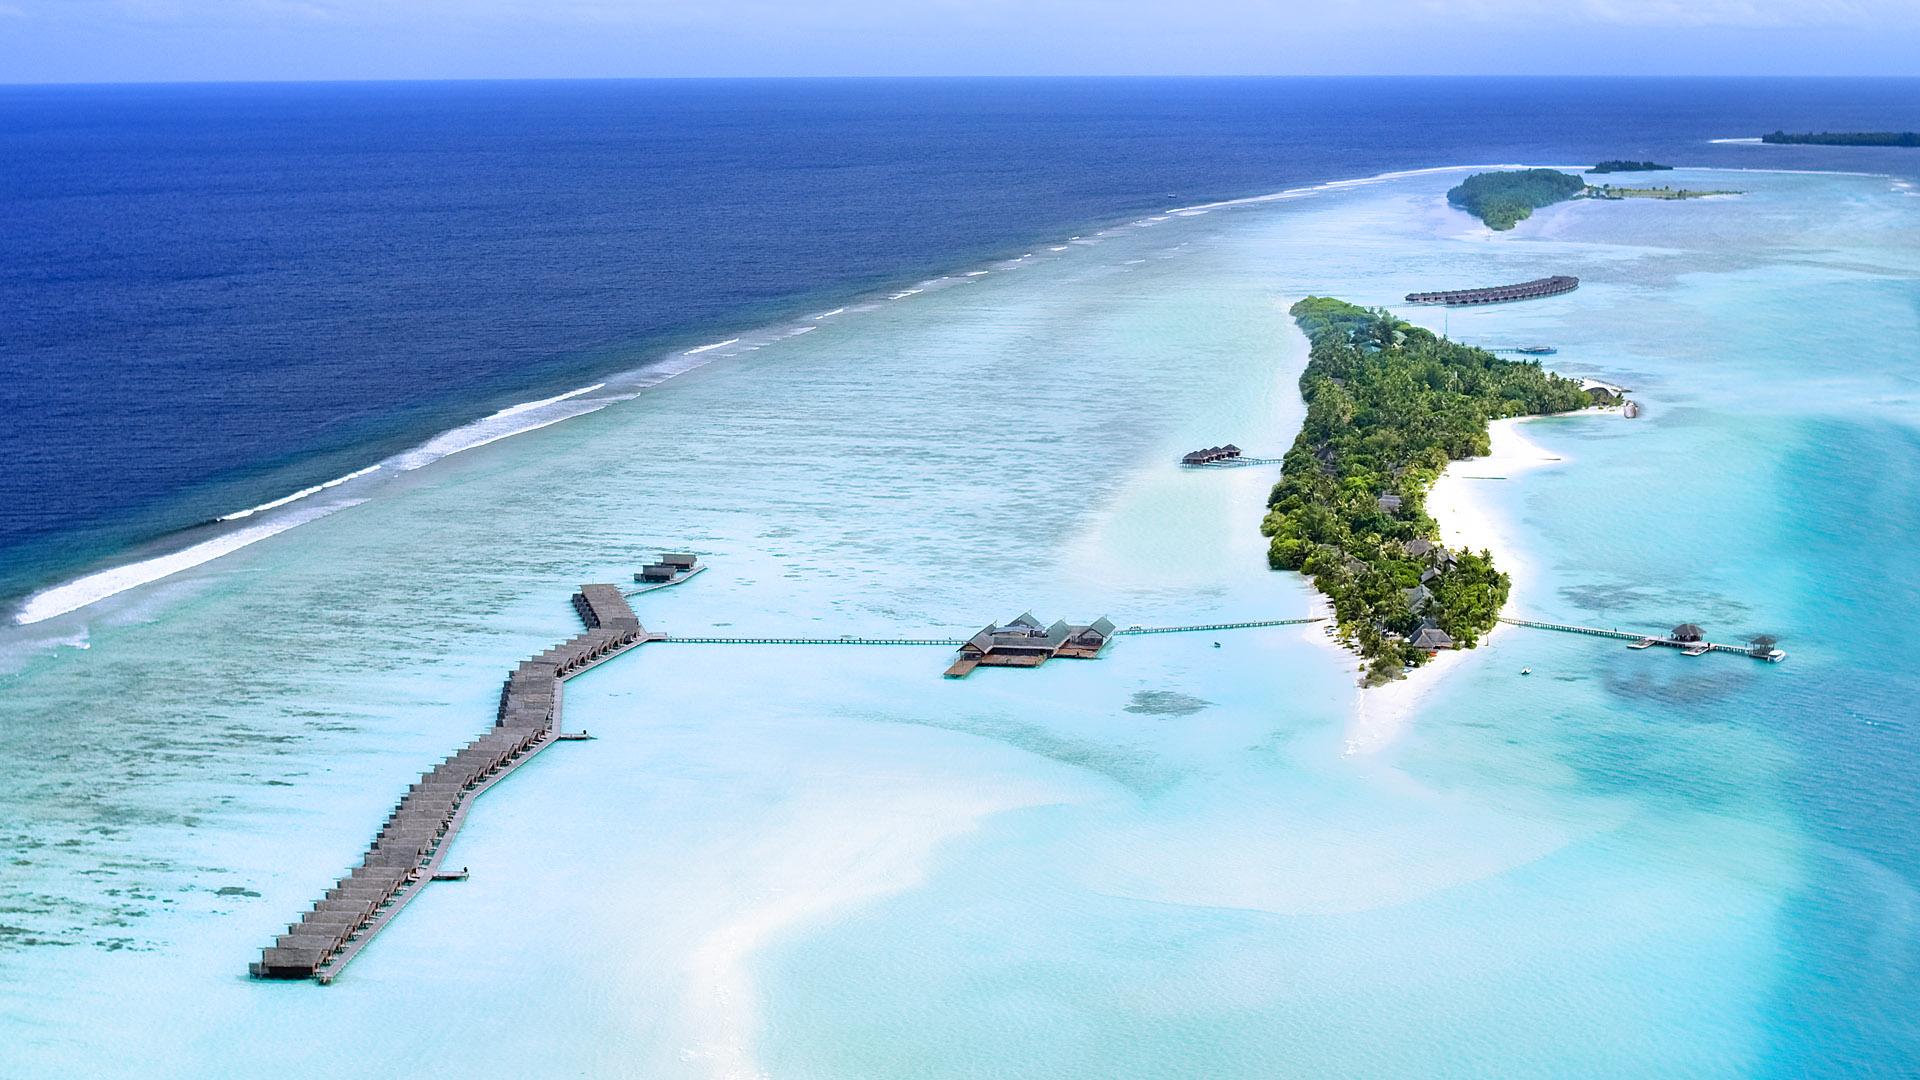 Один из крупнейших курортных остовов на Мальдивах